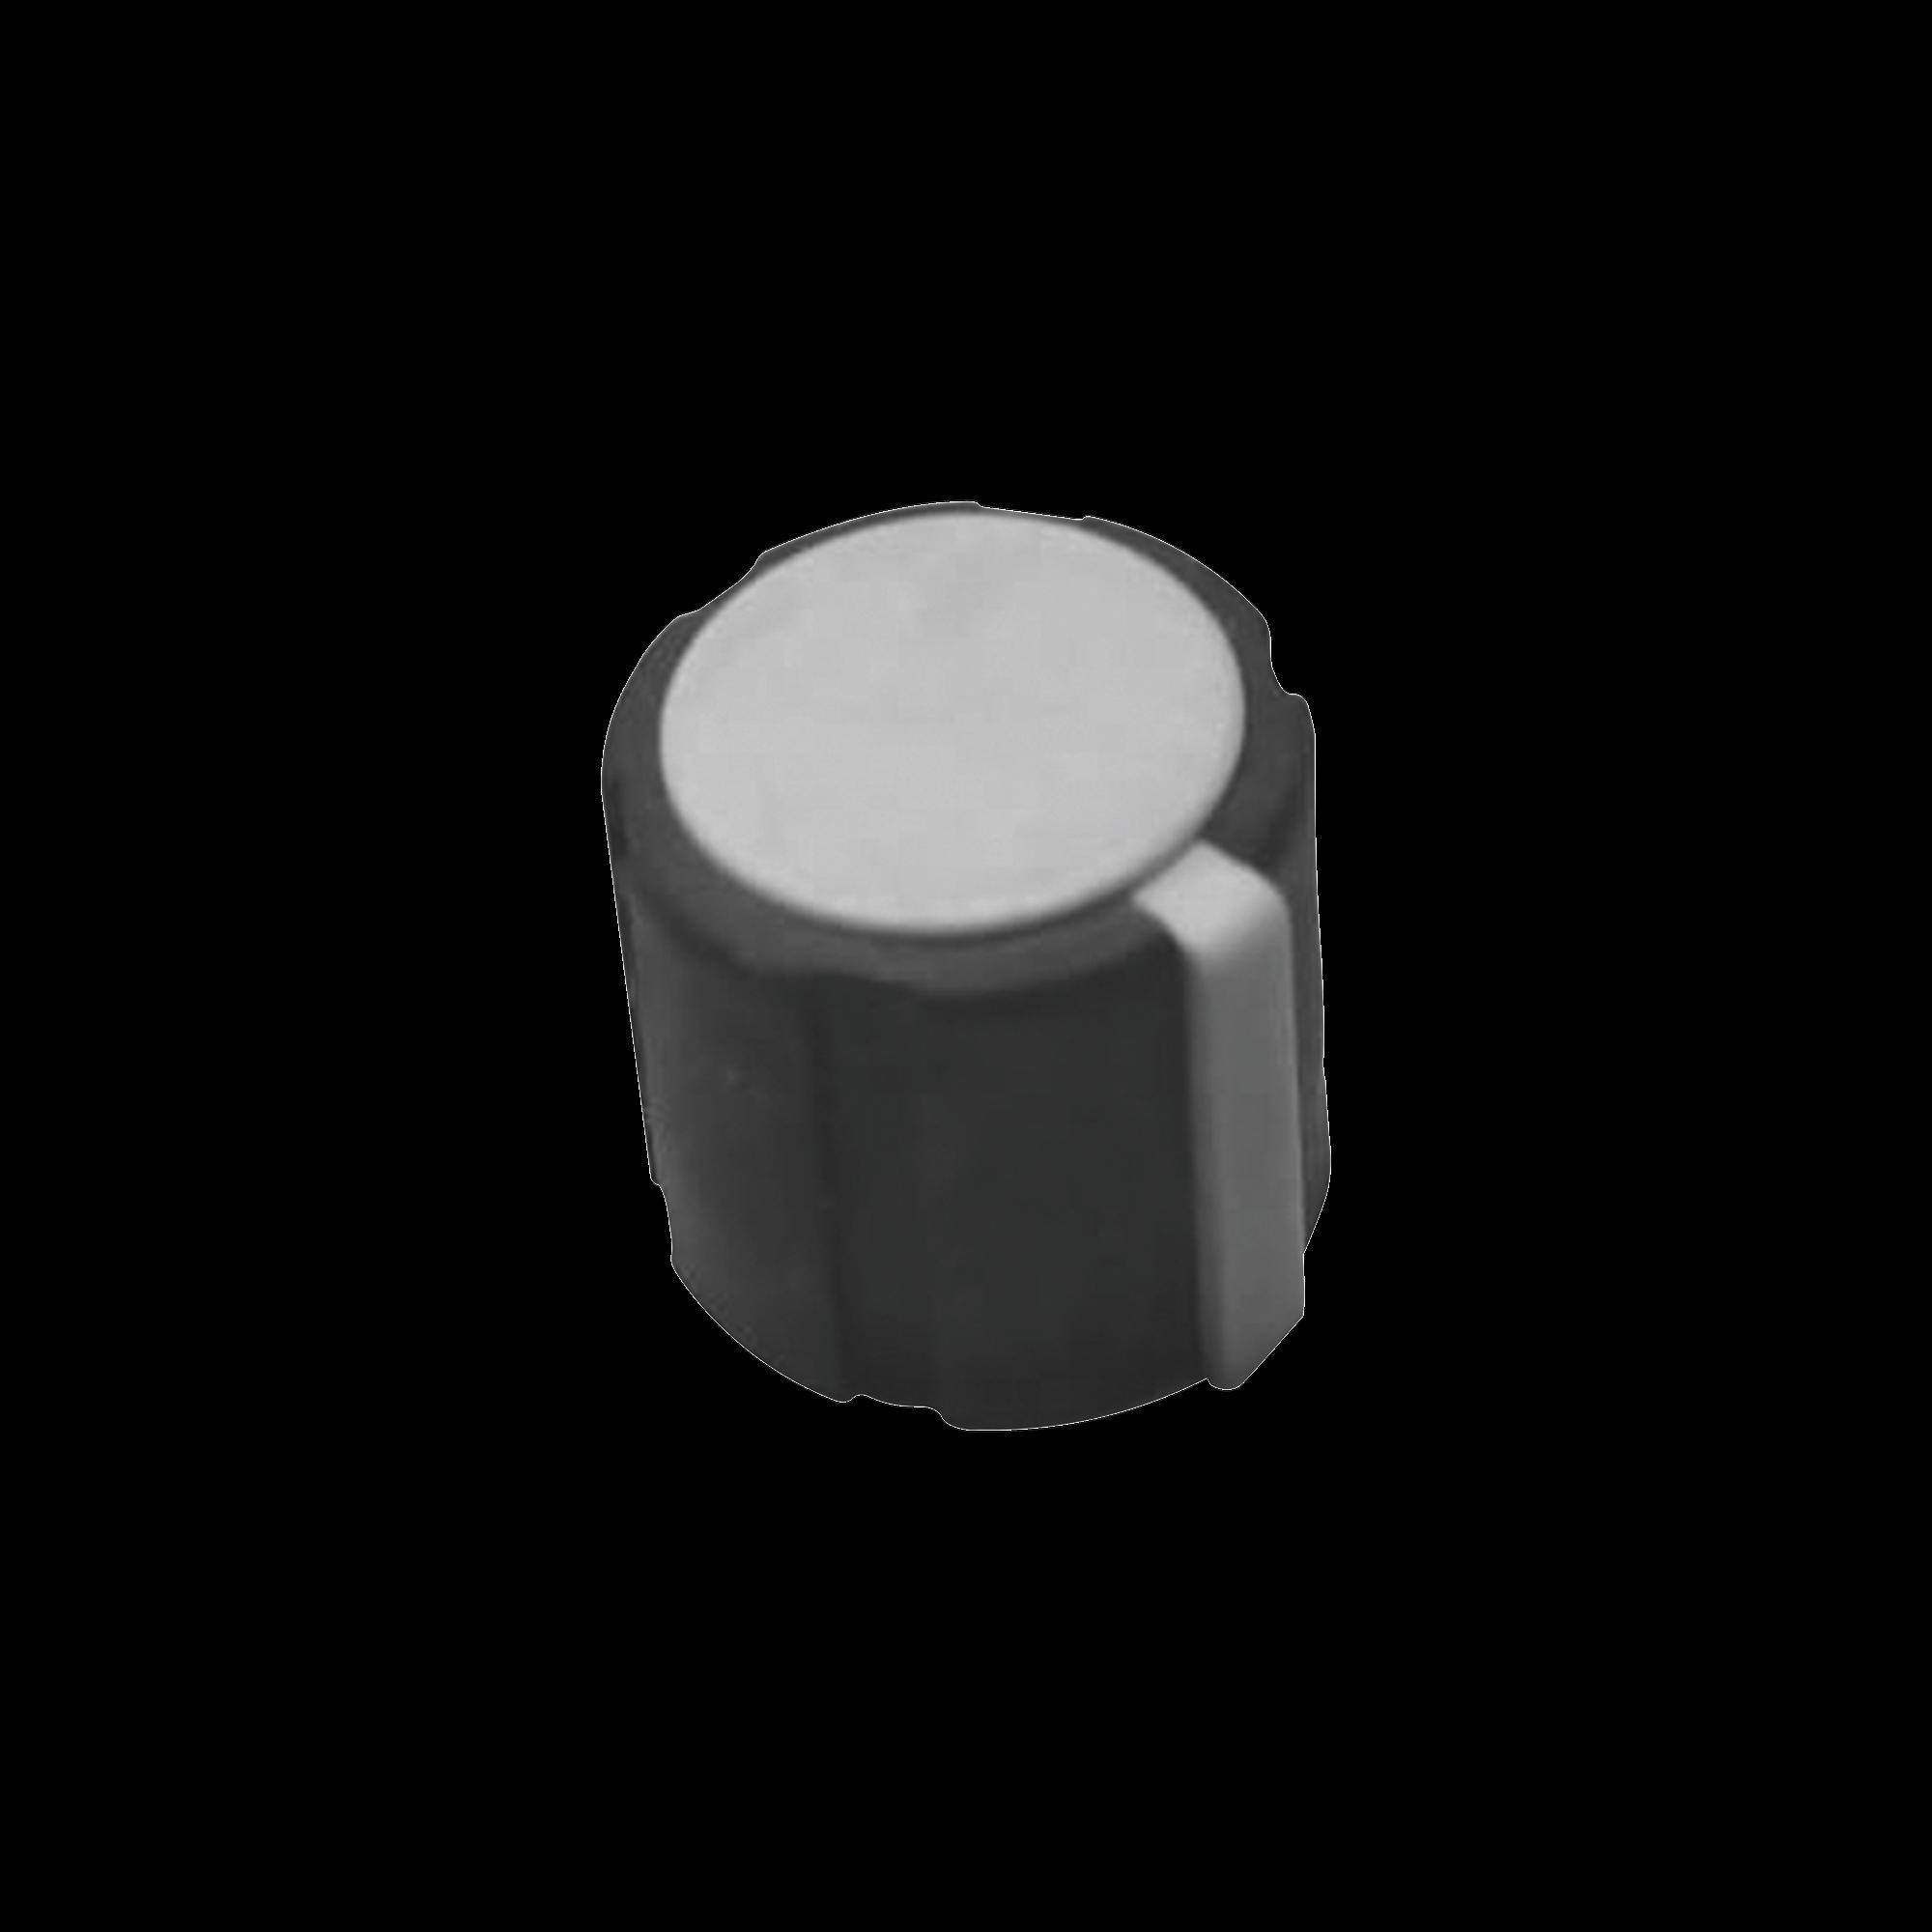 Botón de Volumen para Monitores R2600.